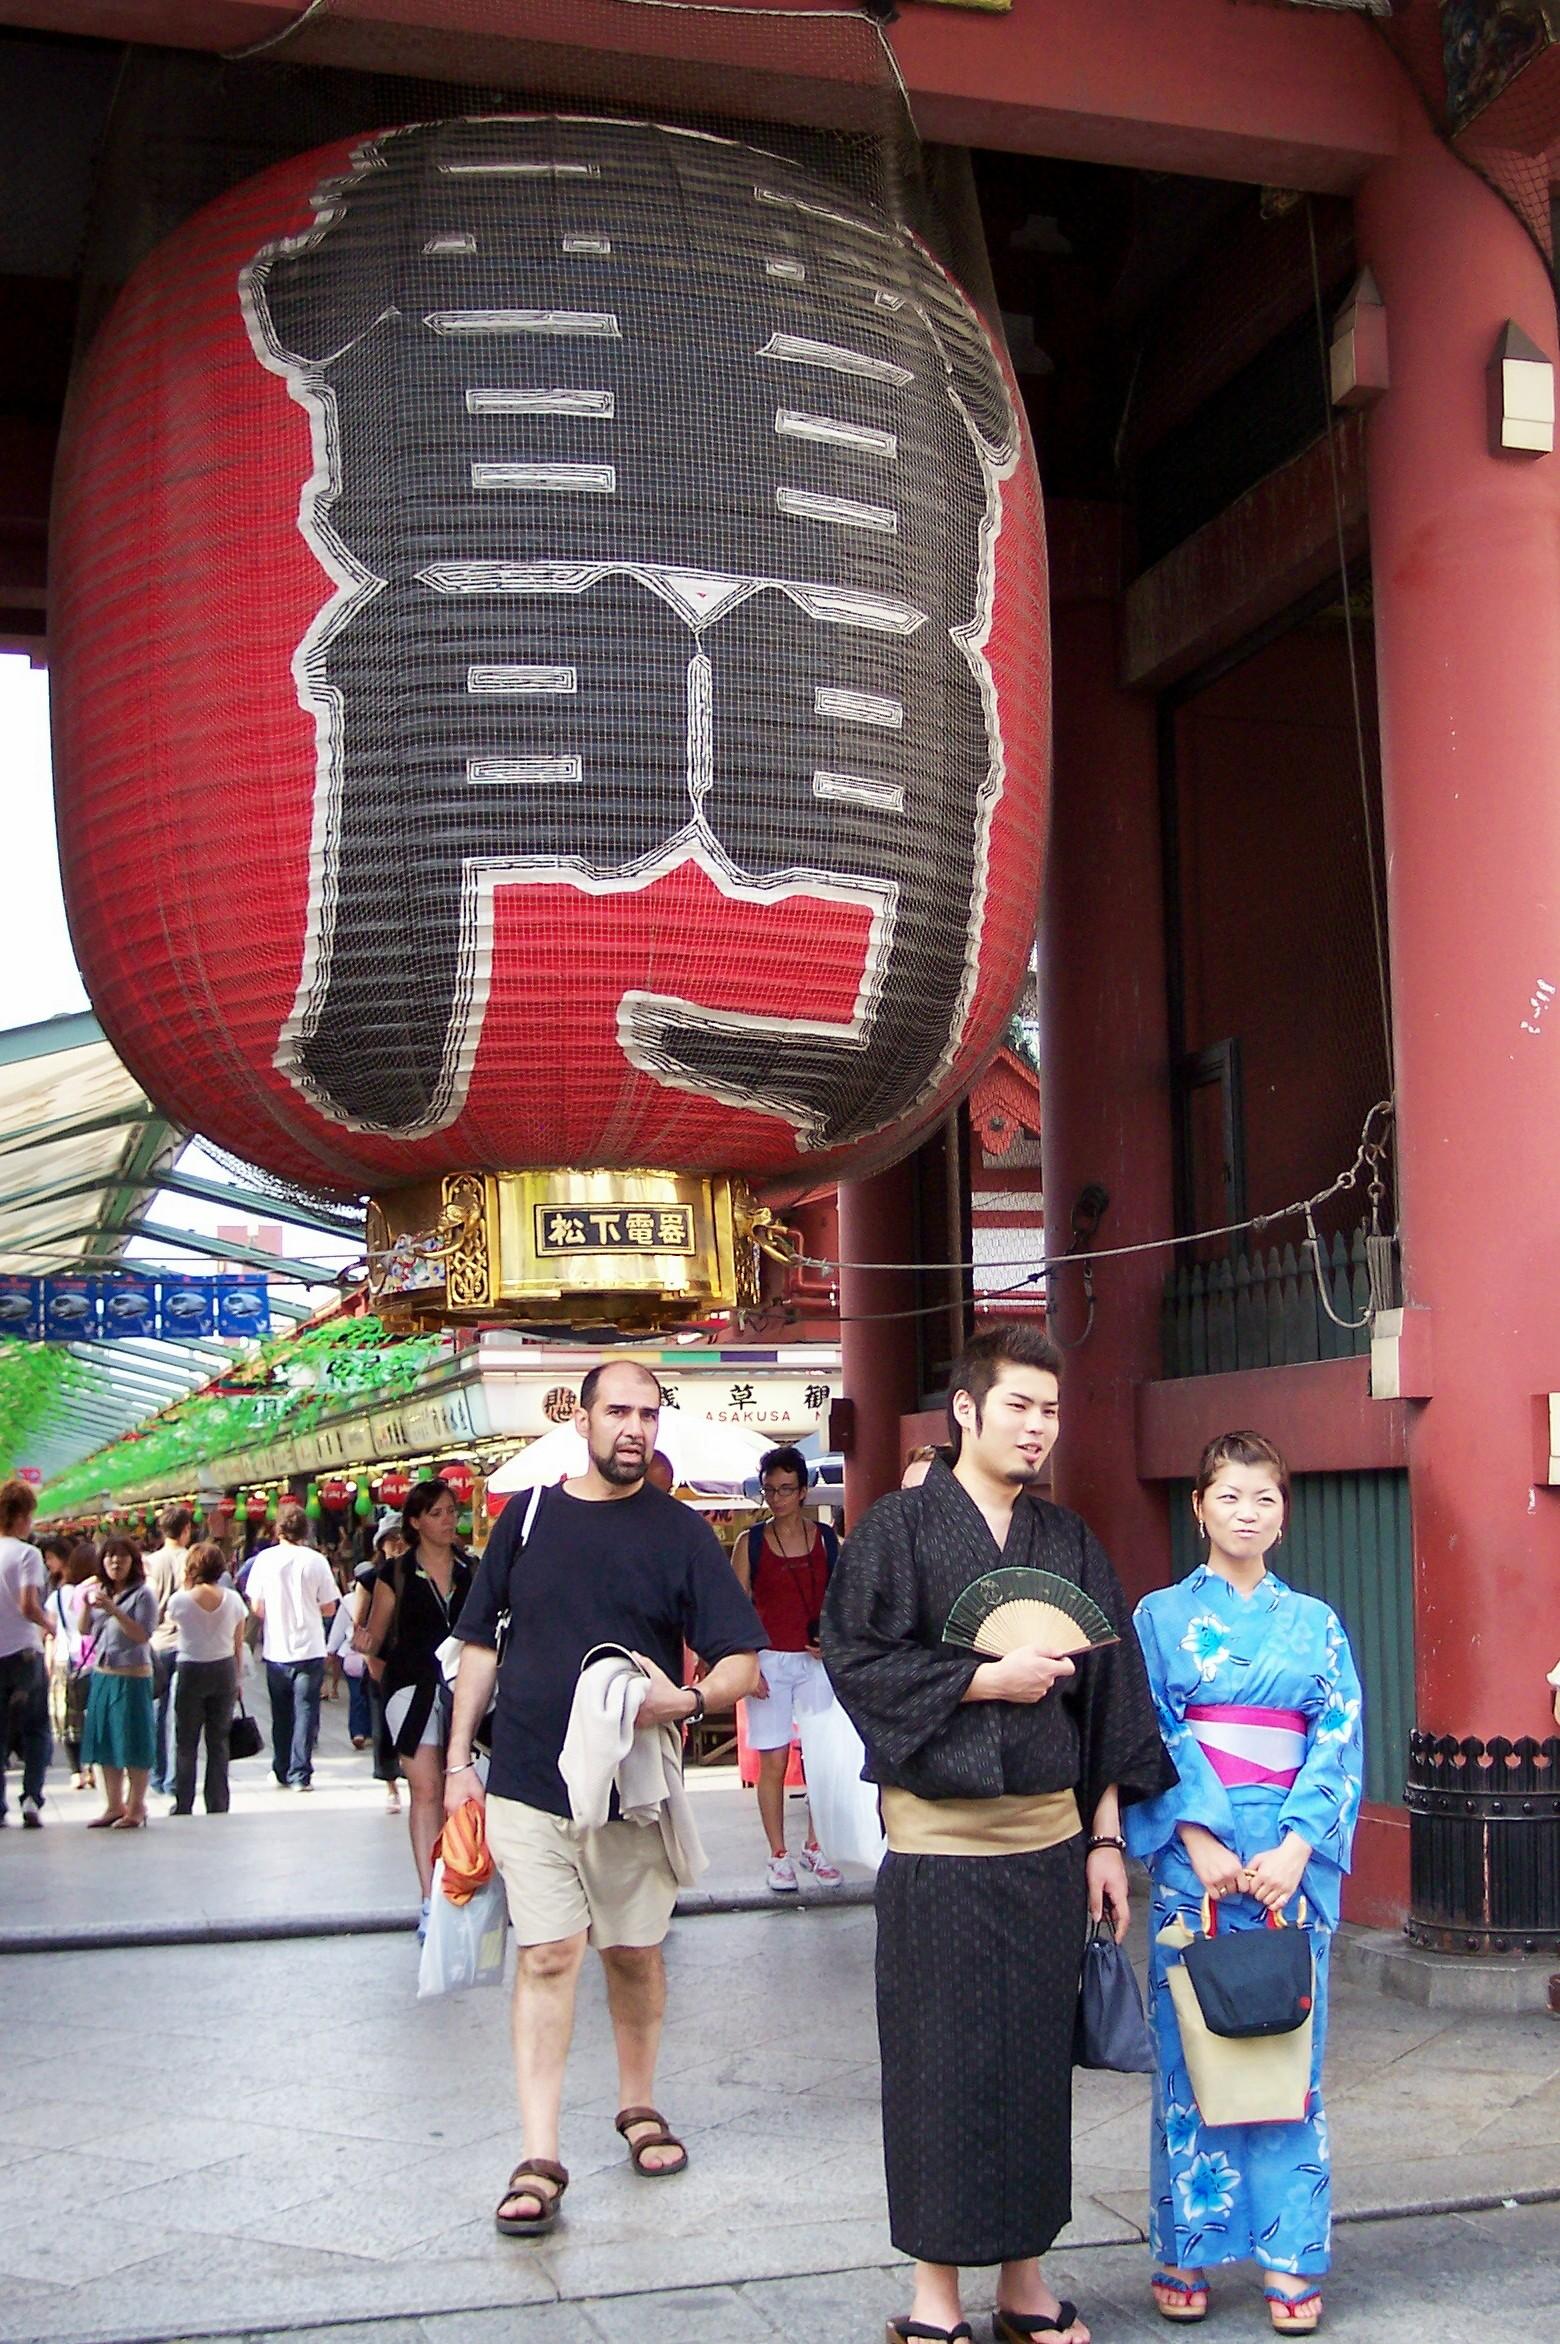 Asakusa Kannon Temple, Tokyo (Scarborough photo)